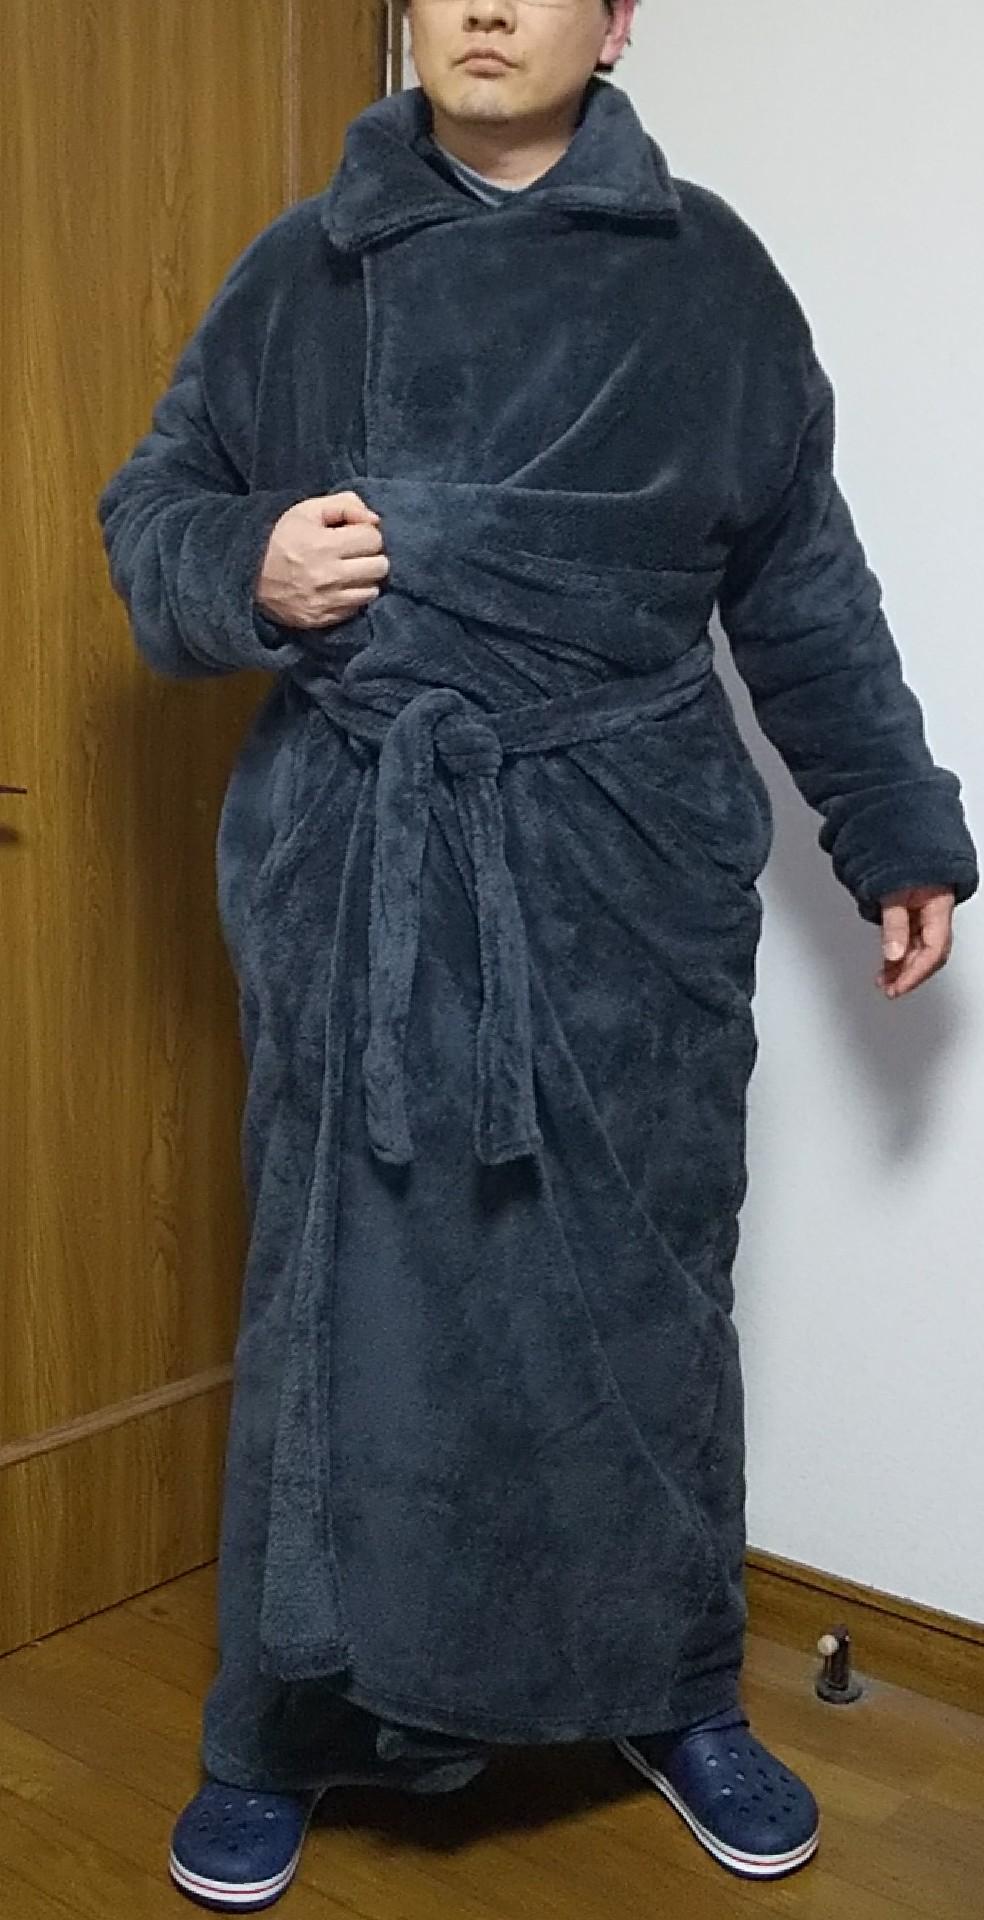 グルーニー 着る毛布 ガウベルト